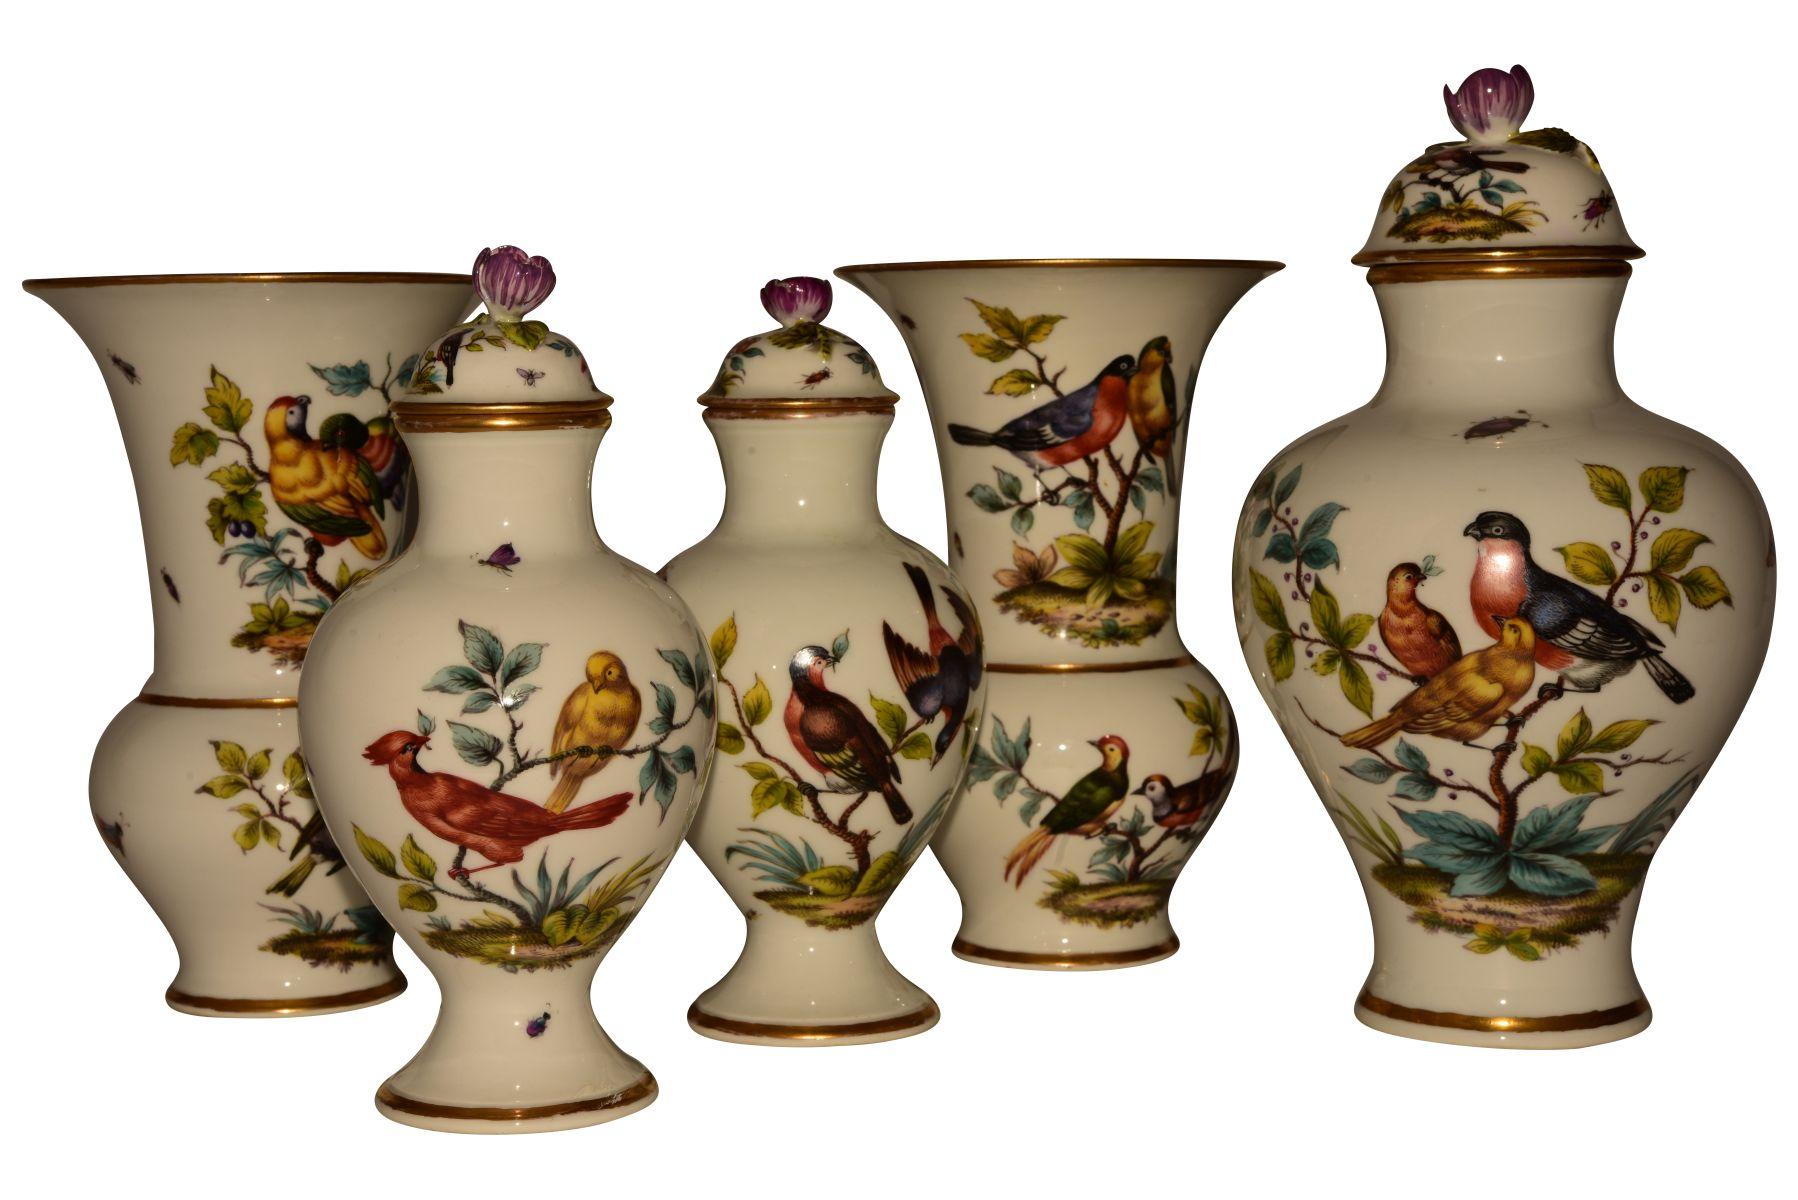 #59 5 rare Augustus Rex vases Dresden 19th century | 5 seltene Augustus Rex Vasen Dresden 19. Jh. Image